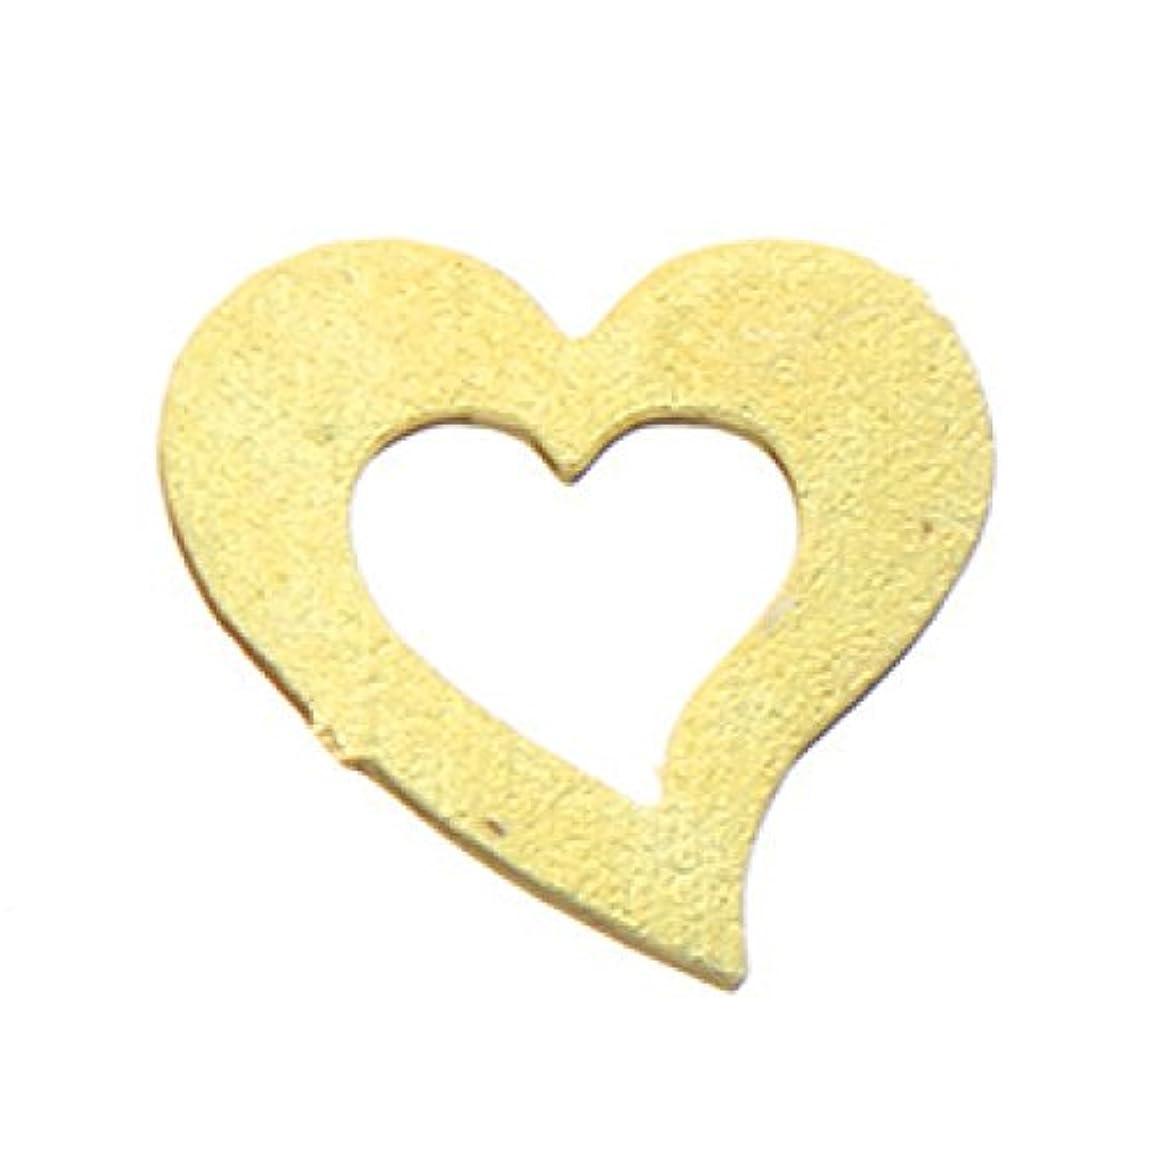 気配りのある論理代わりのメタルプレート(ネイルストーン デコ)ハート (30個入り) ゴールド(ネイル用品)